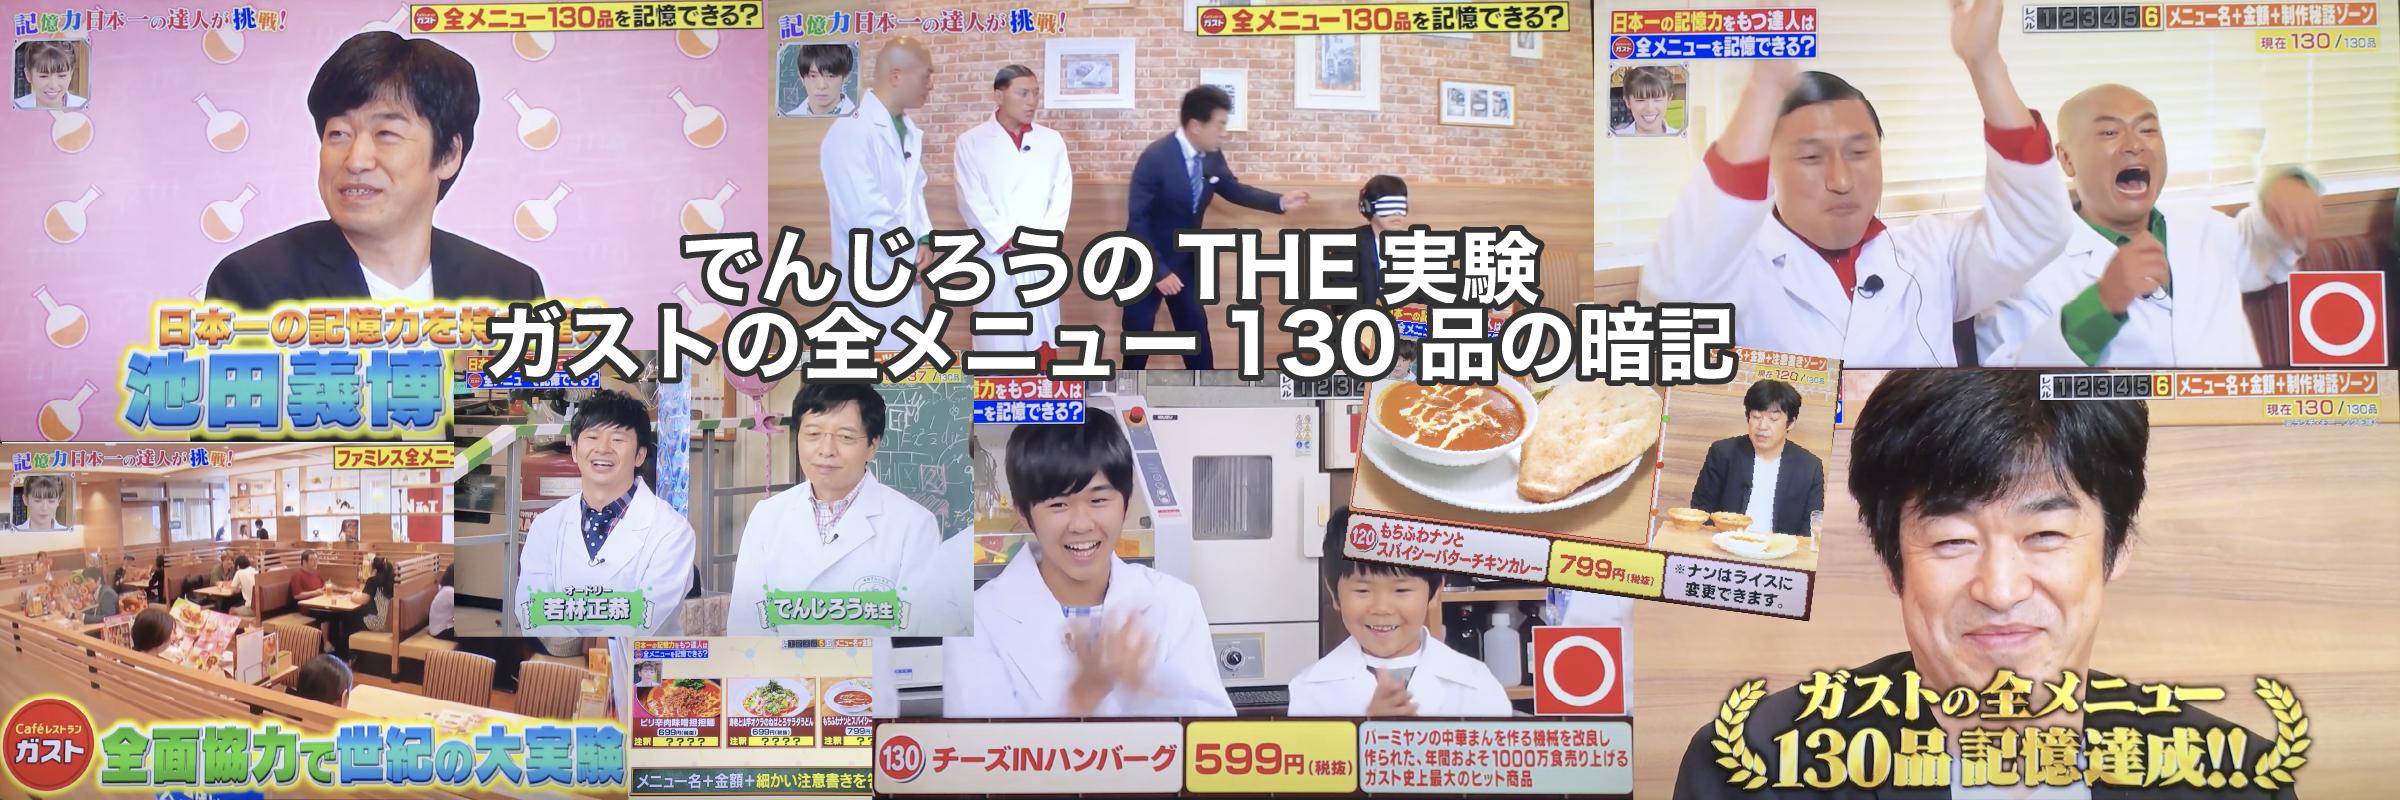 でんじろうのTHE実験 池田義博 ガストの全メニュー130品の丸暗記に成功